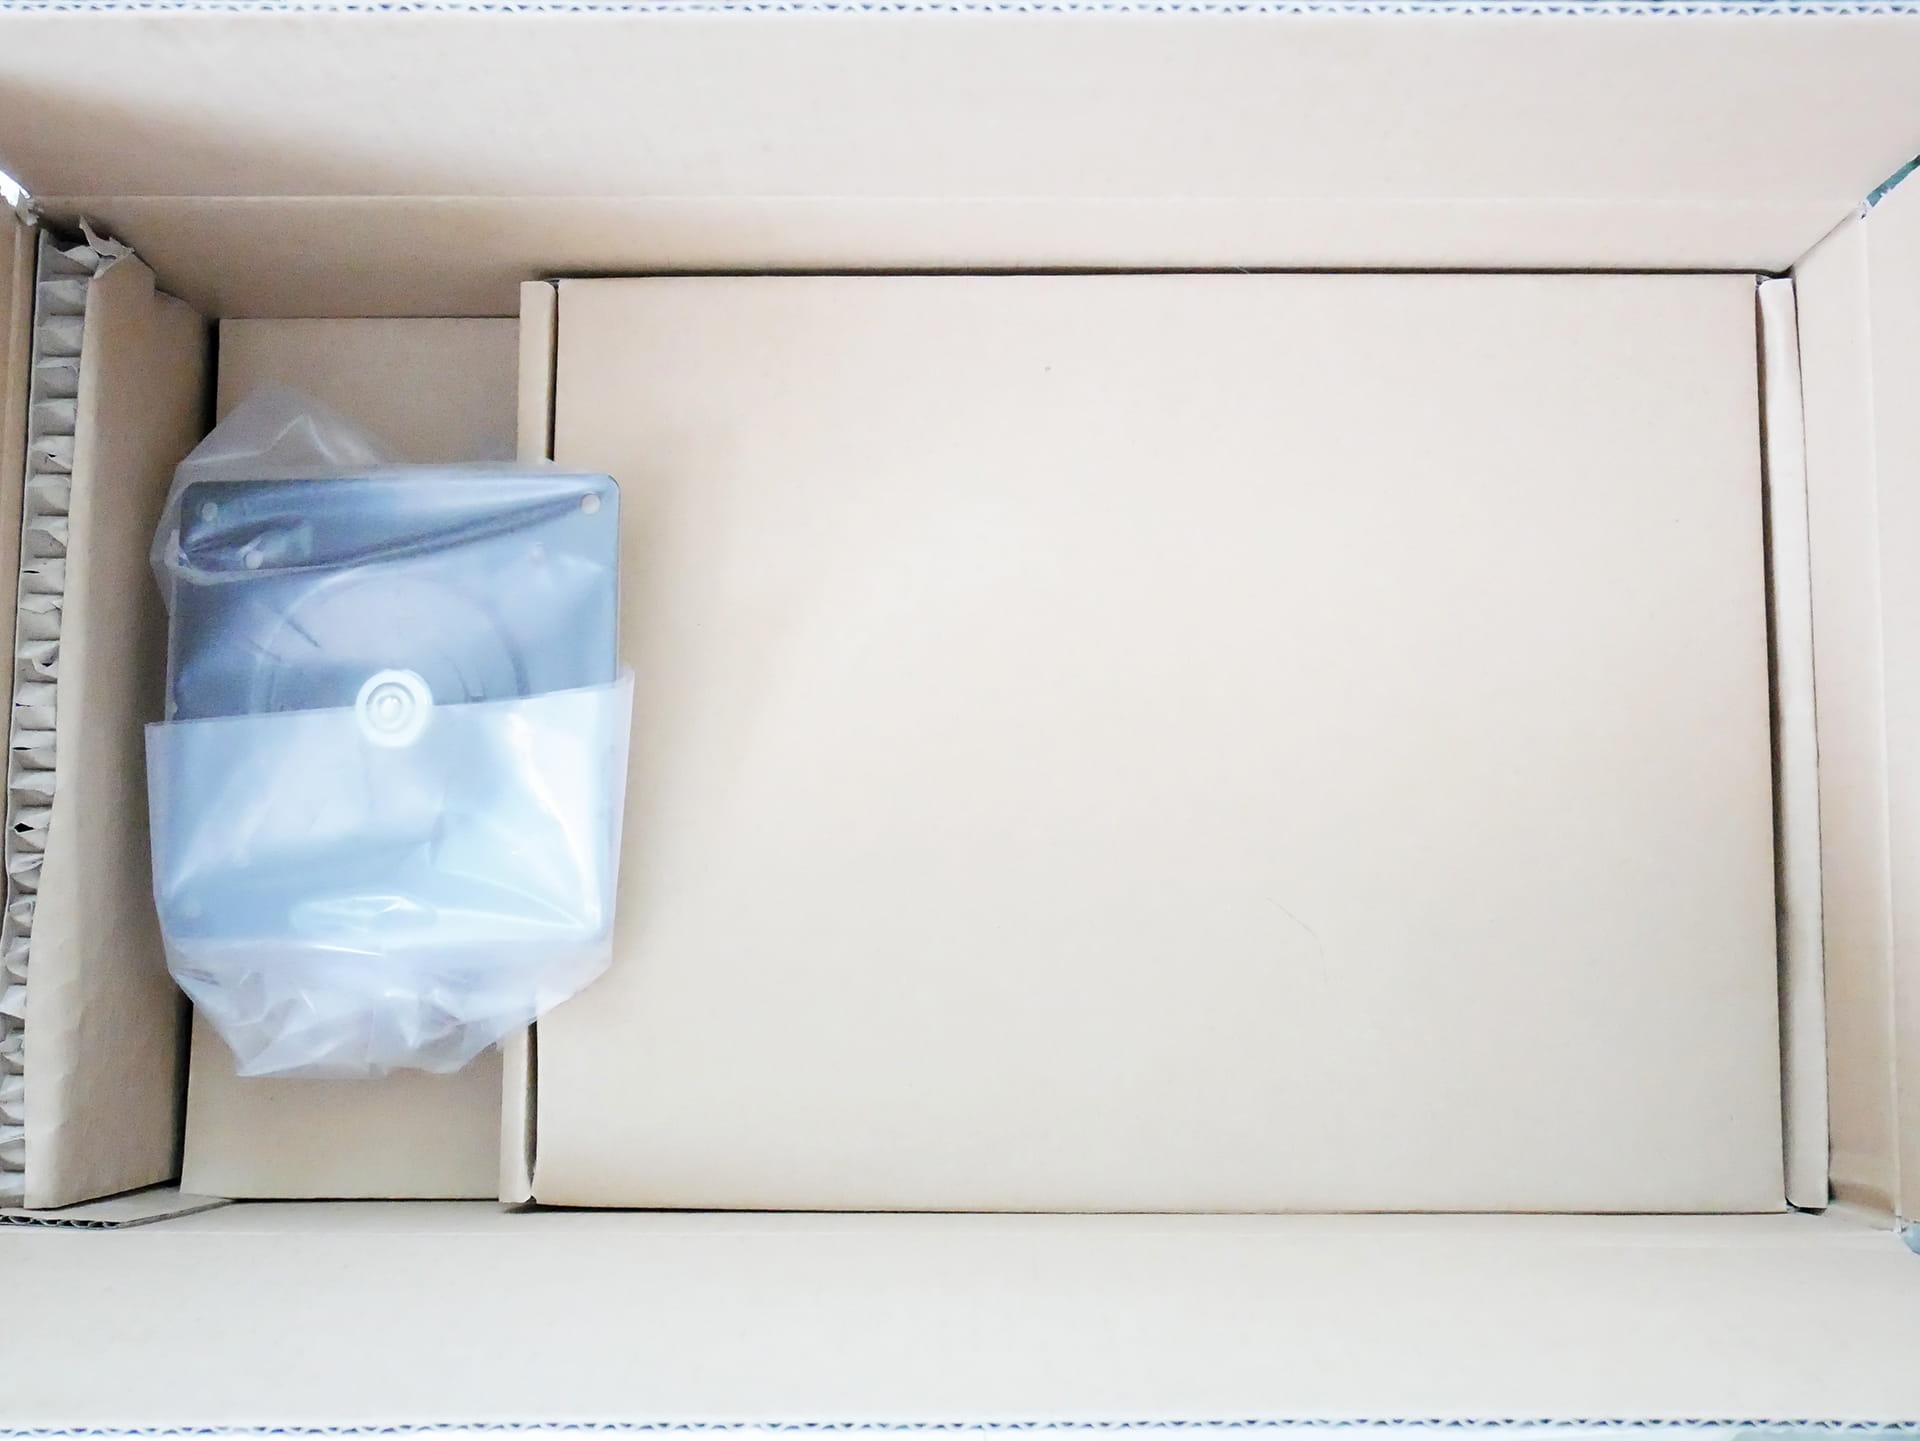 Amazonベーシック LCDモニタースタンド外箱開封した状態